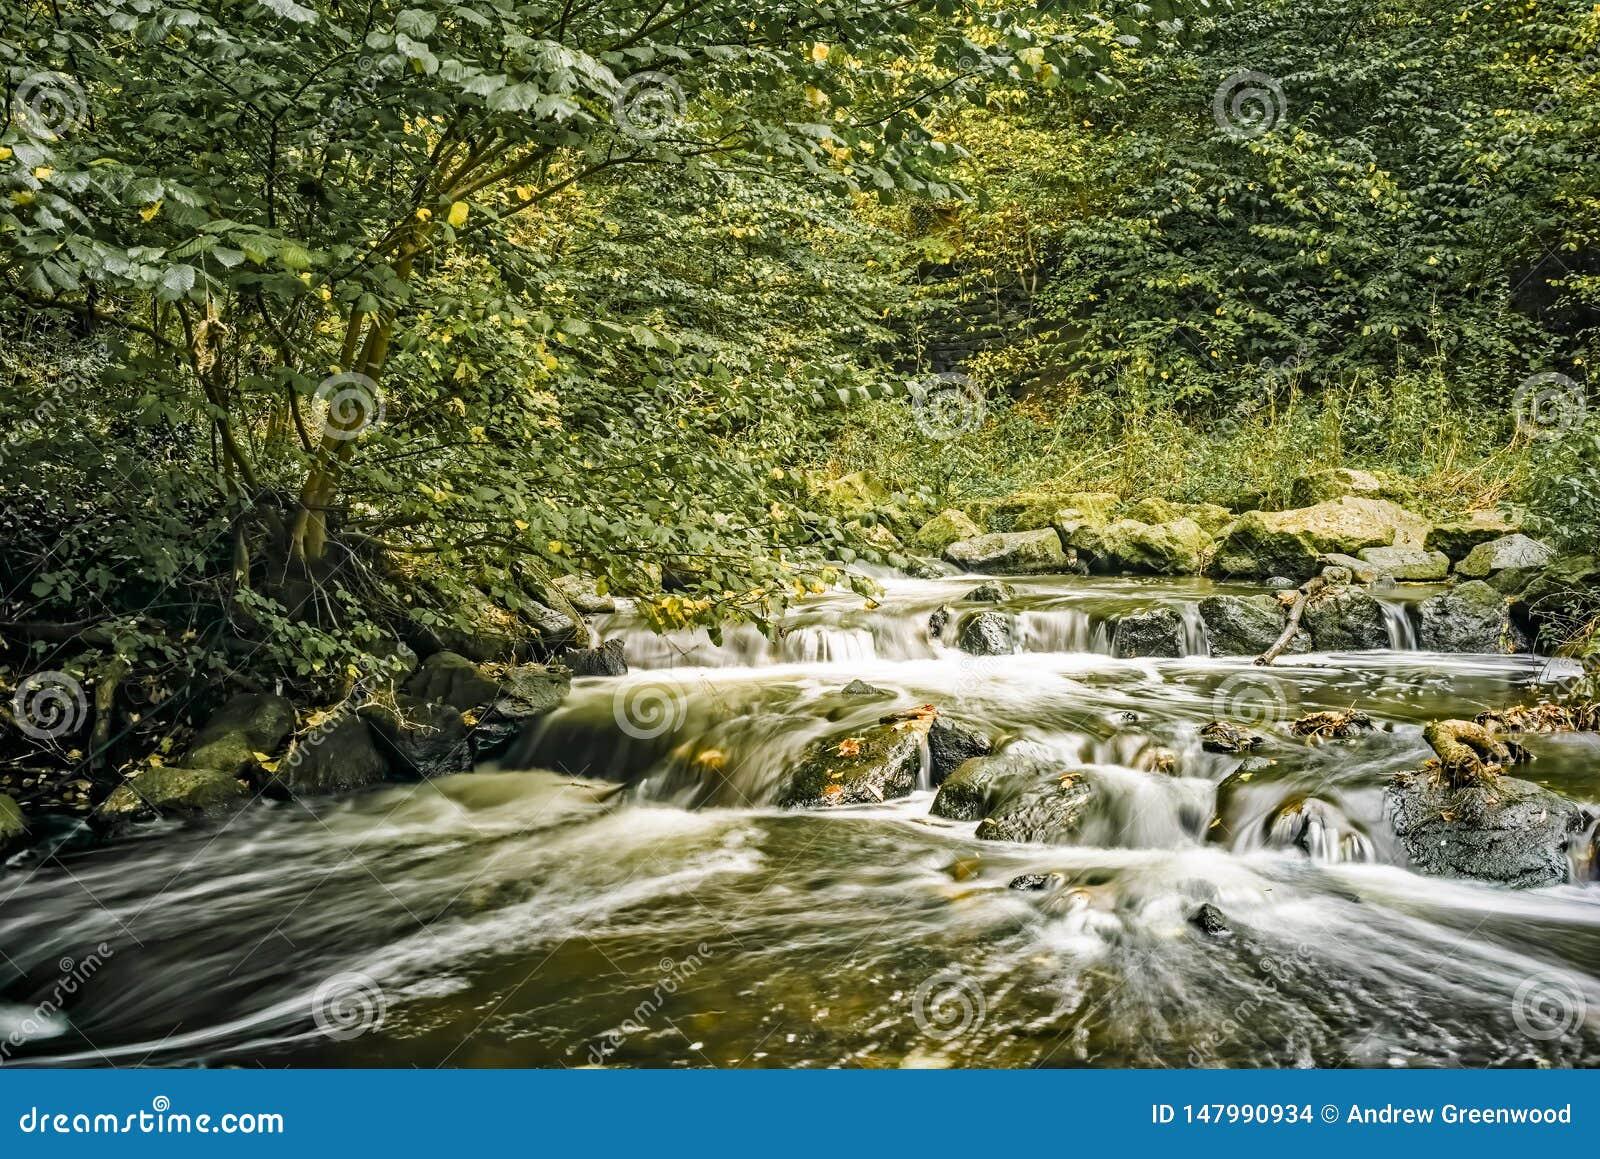 Långsam rinnande flod i vår